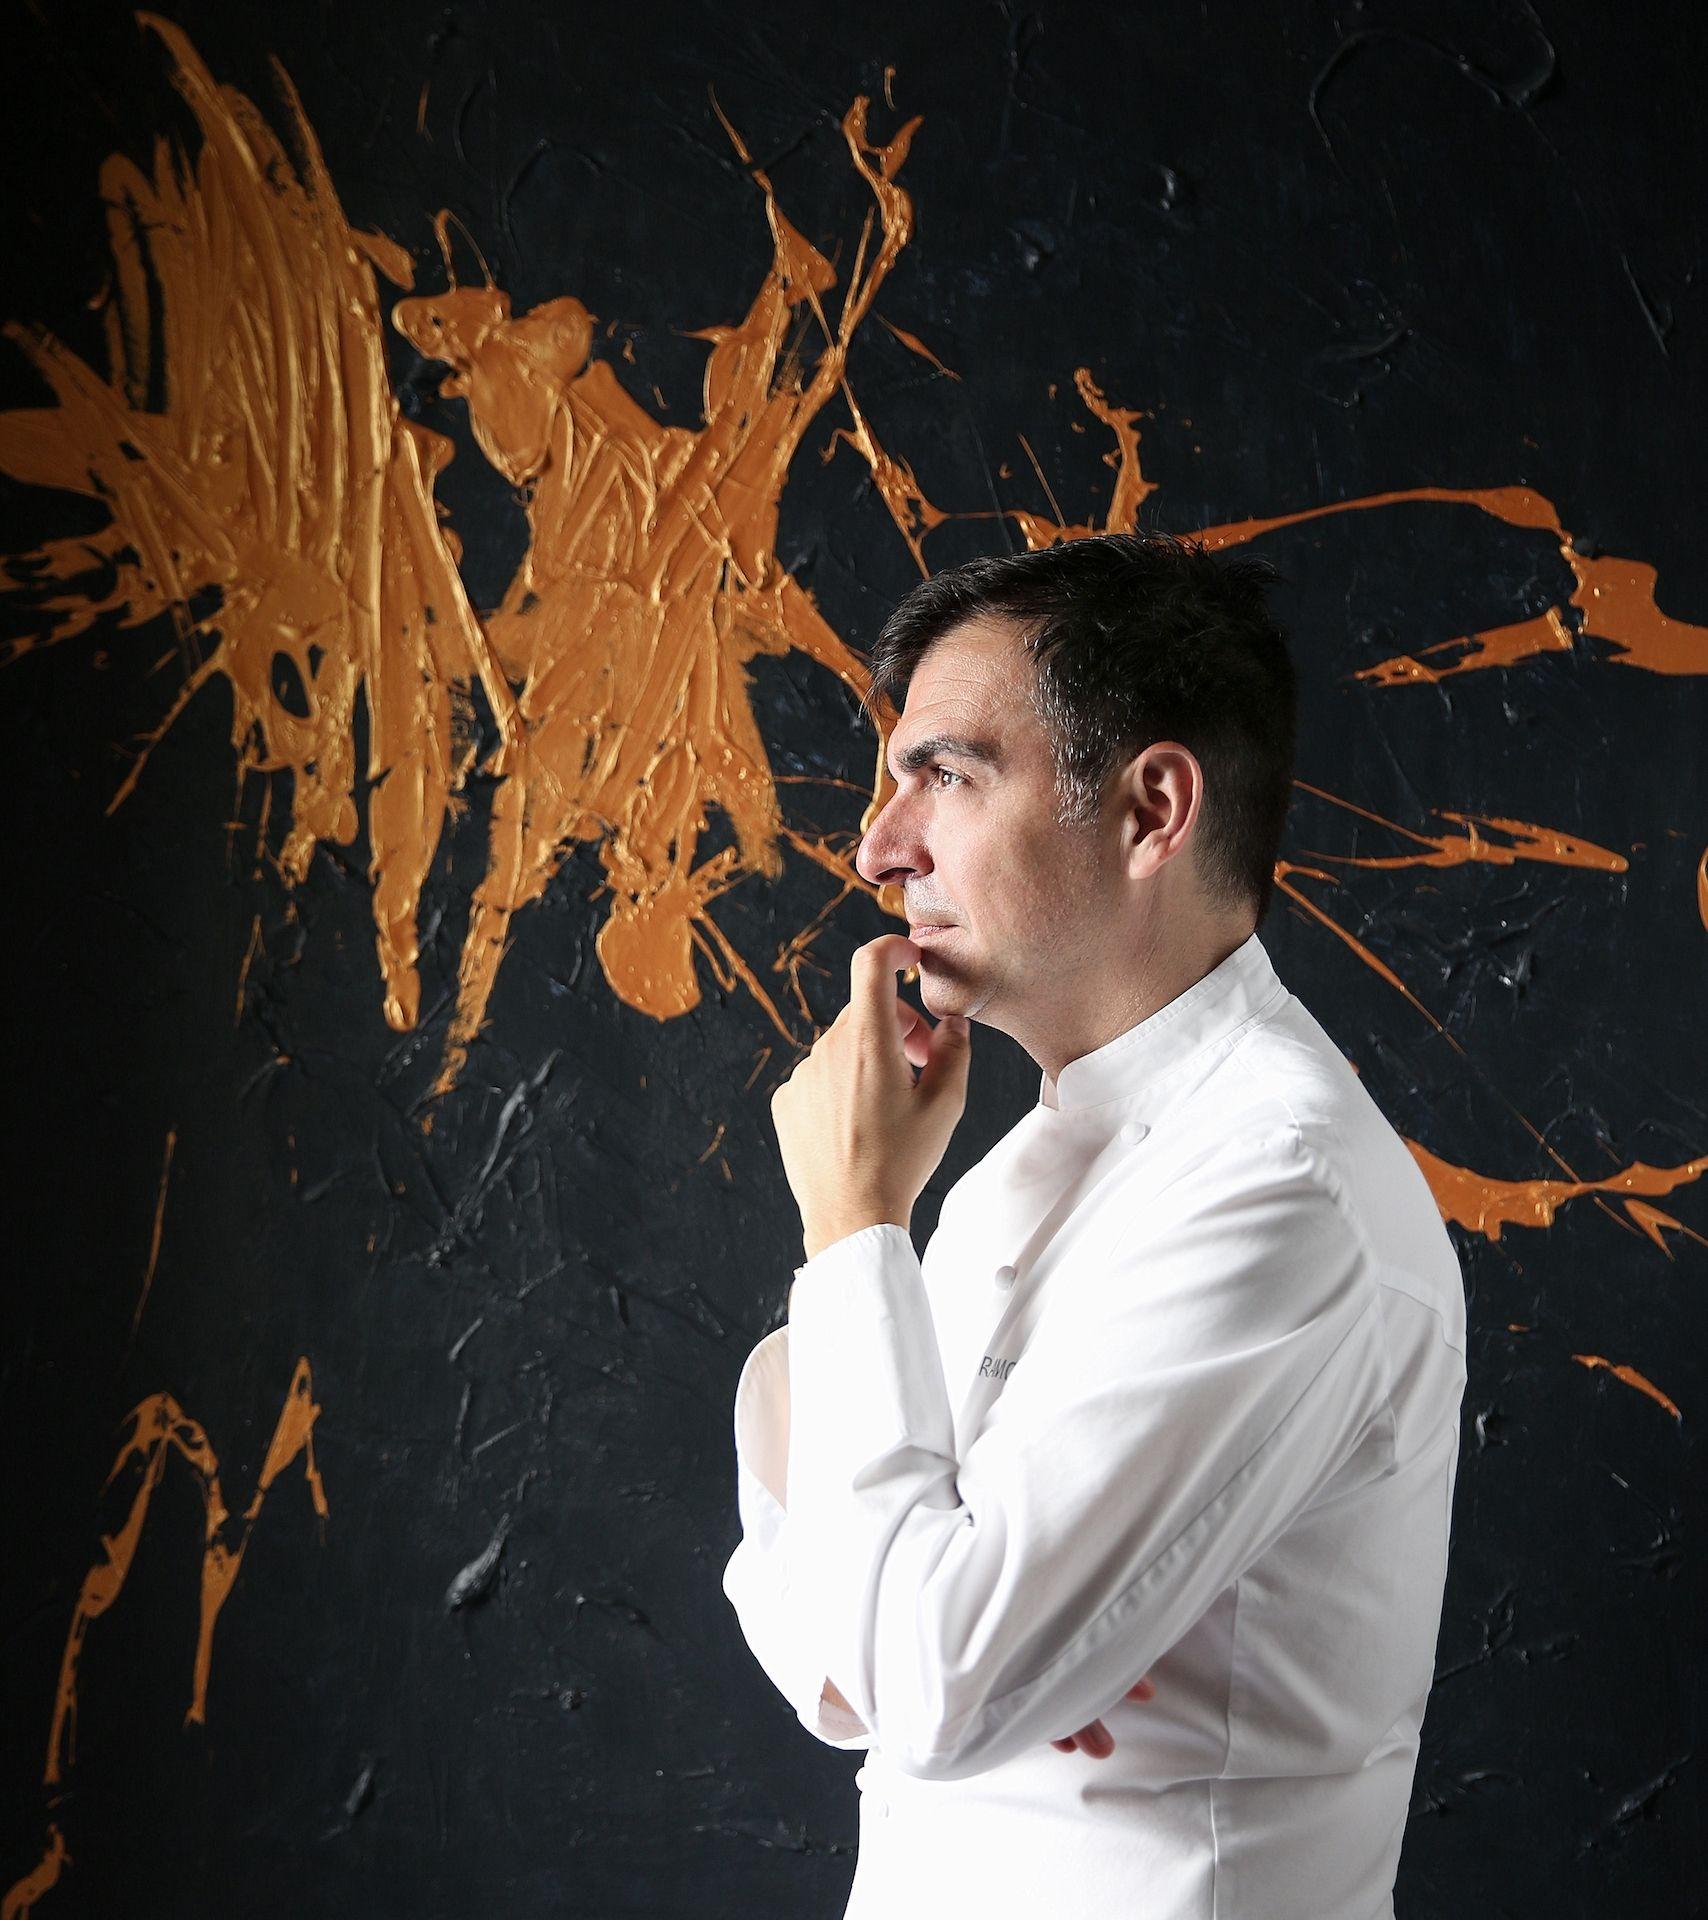 La última revolución de la alta gastronomía: cuando los restaurantes con estrella Michelin llegaron a casa